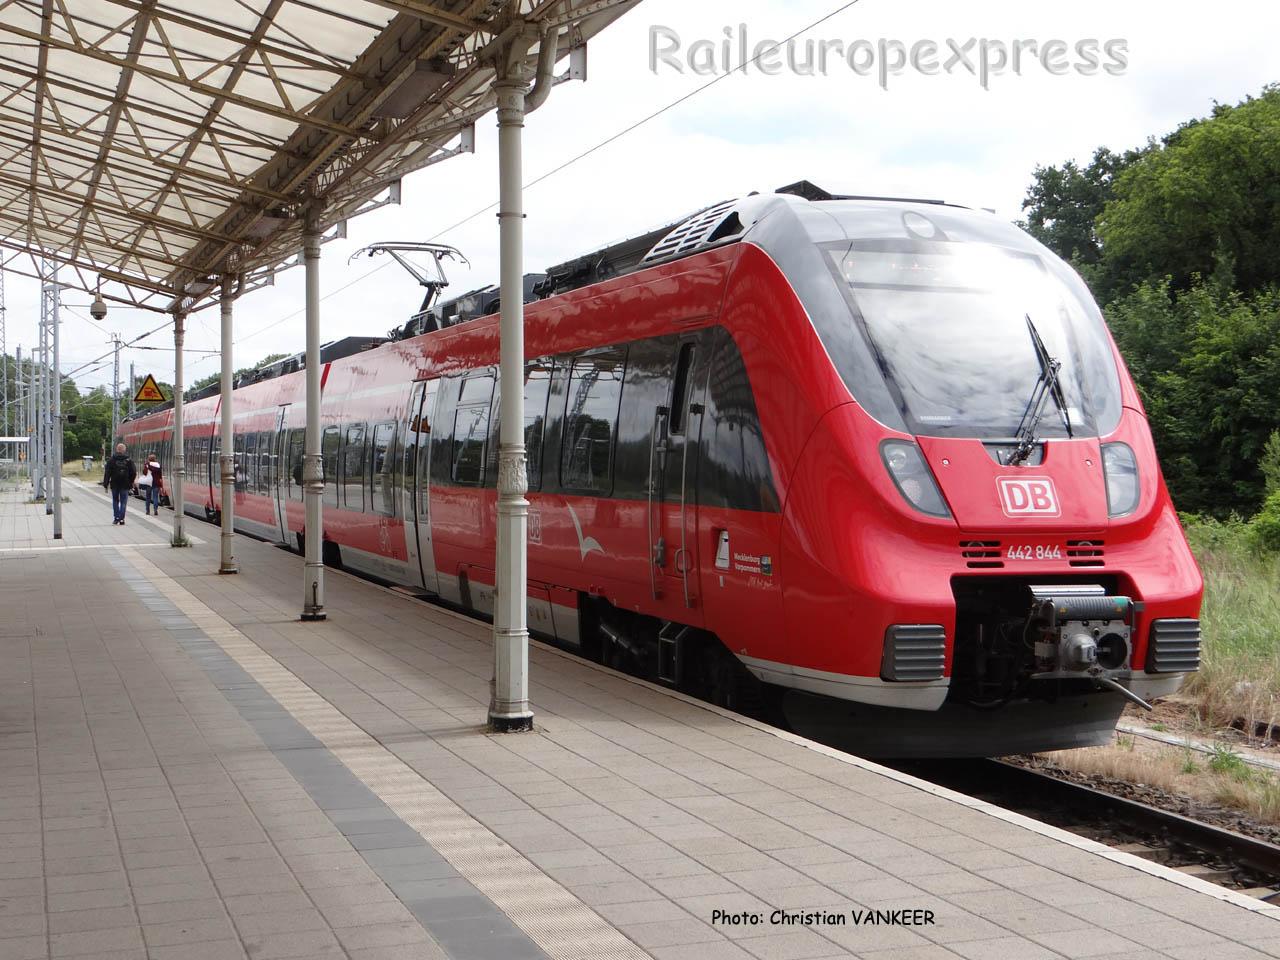 ET 442 844 DB à Schwerin (D)